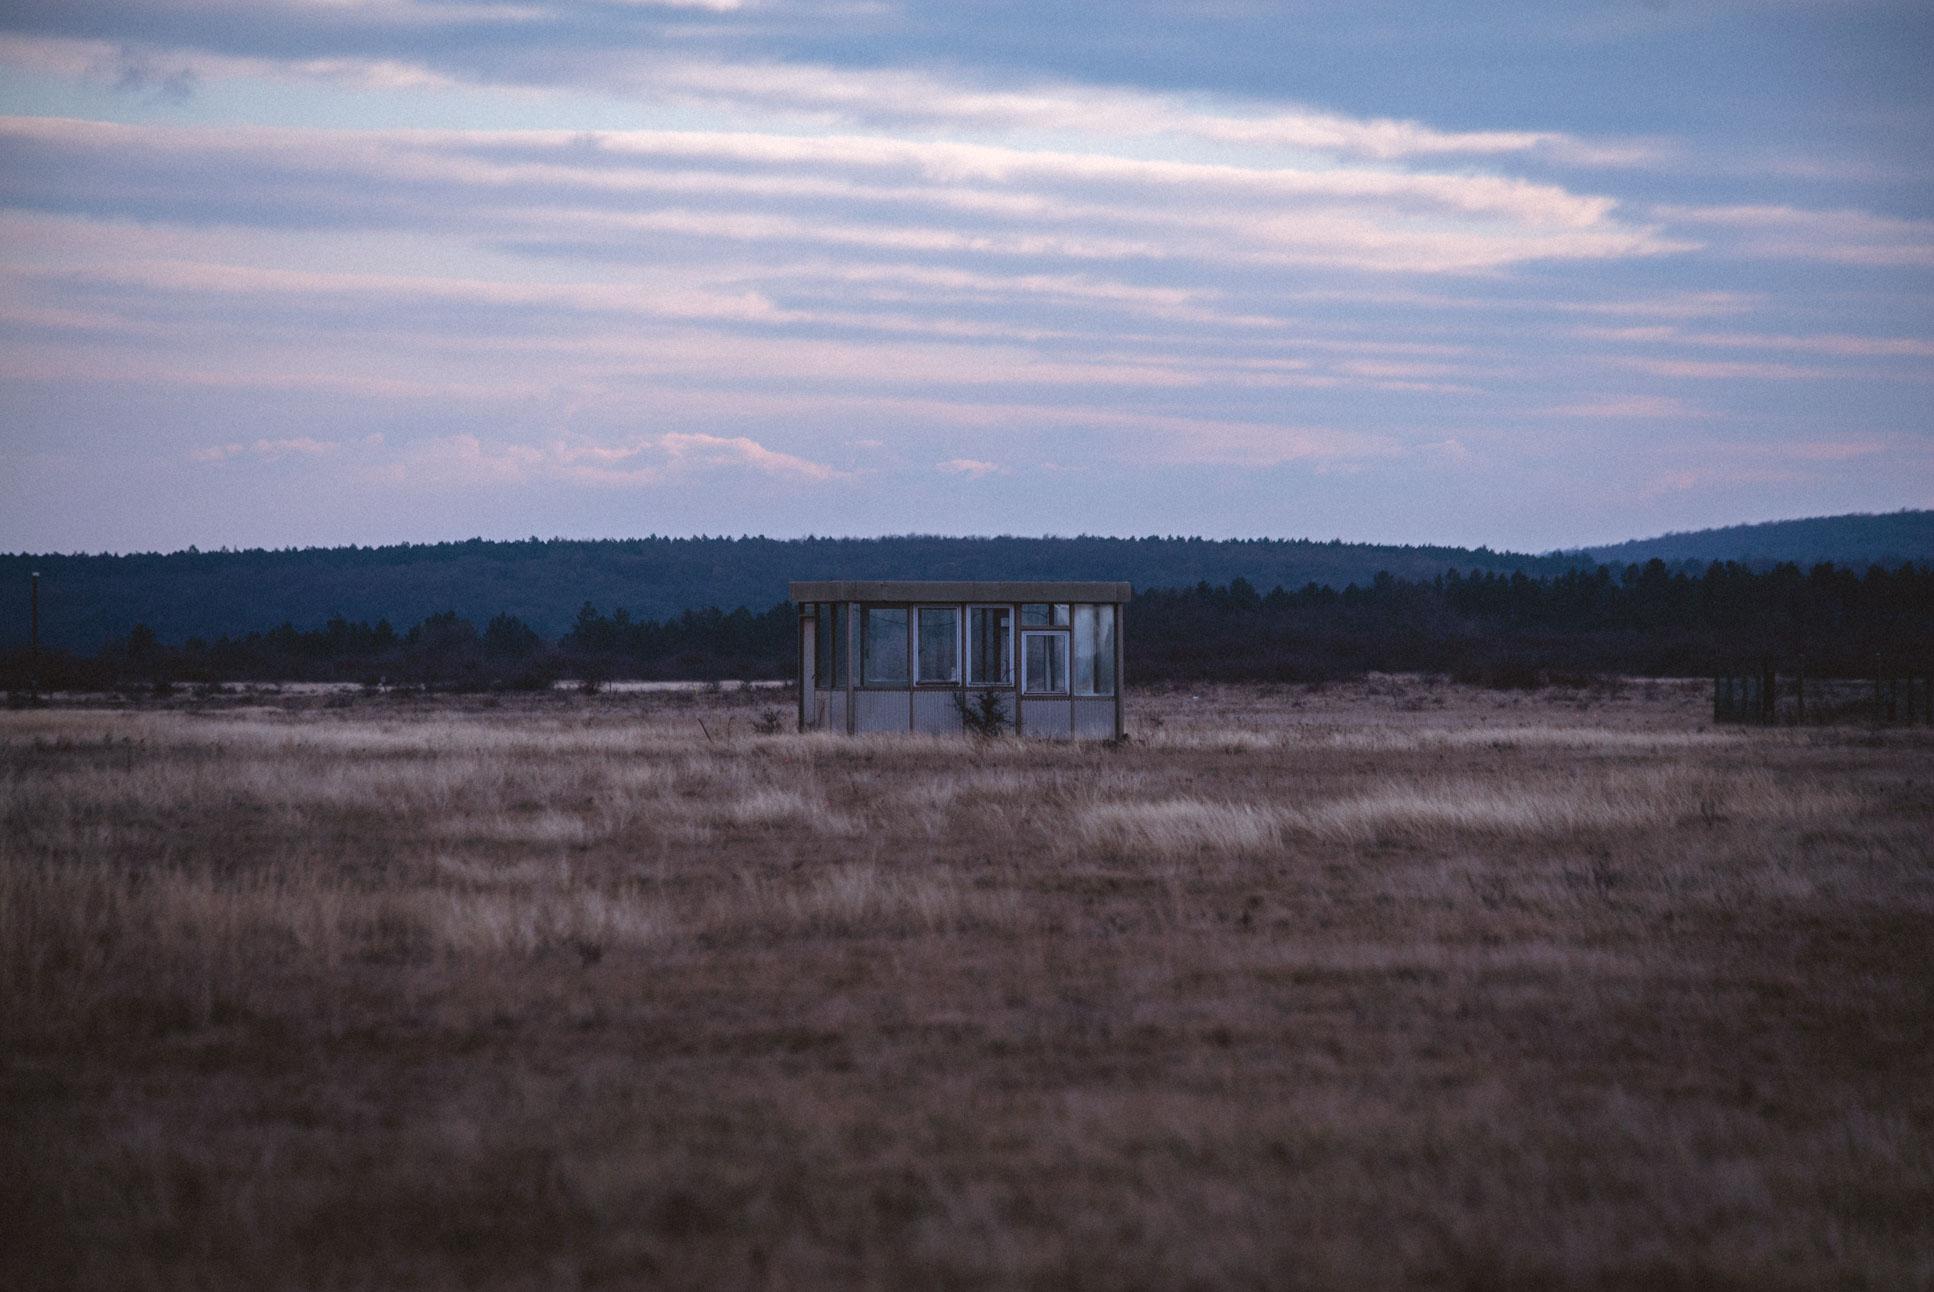 Photo by Pascal Sommer - Next to the runway at Szentkirályszabadjai Repülőtér